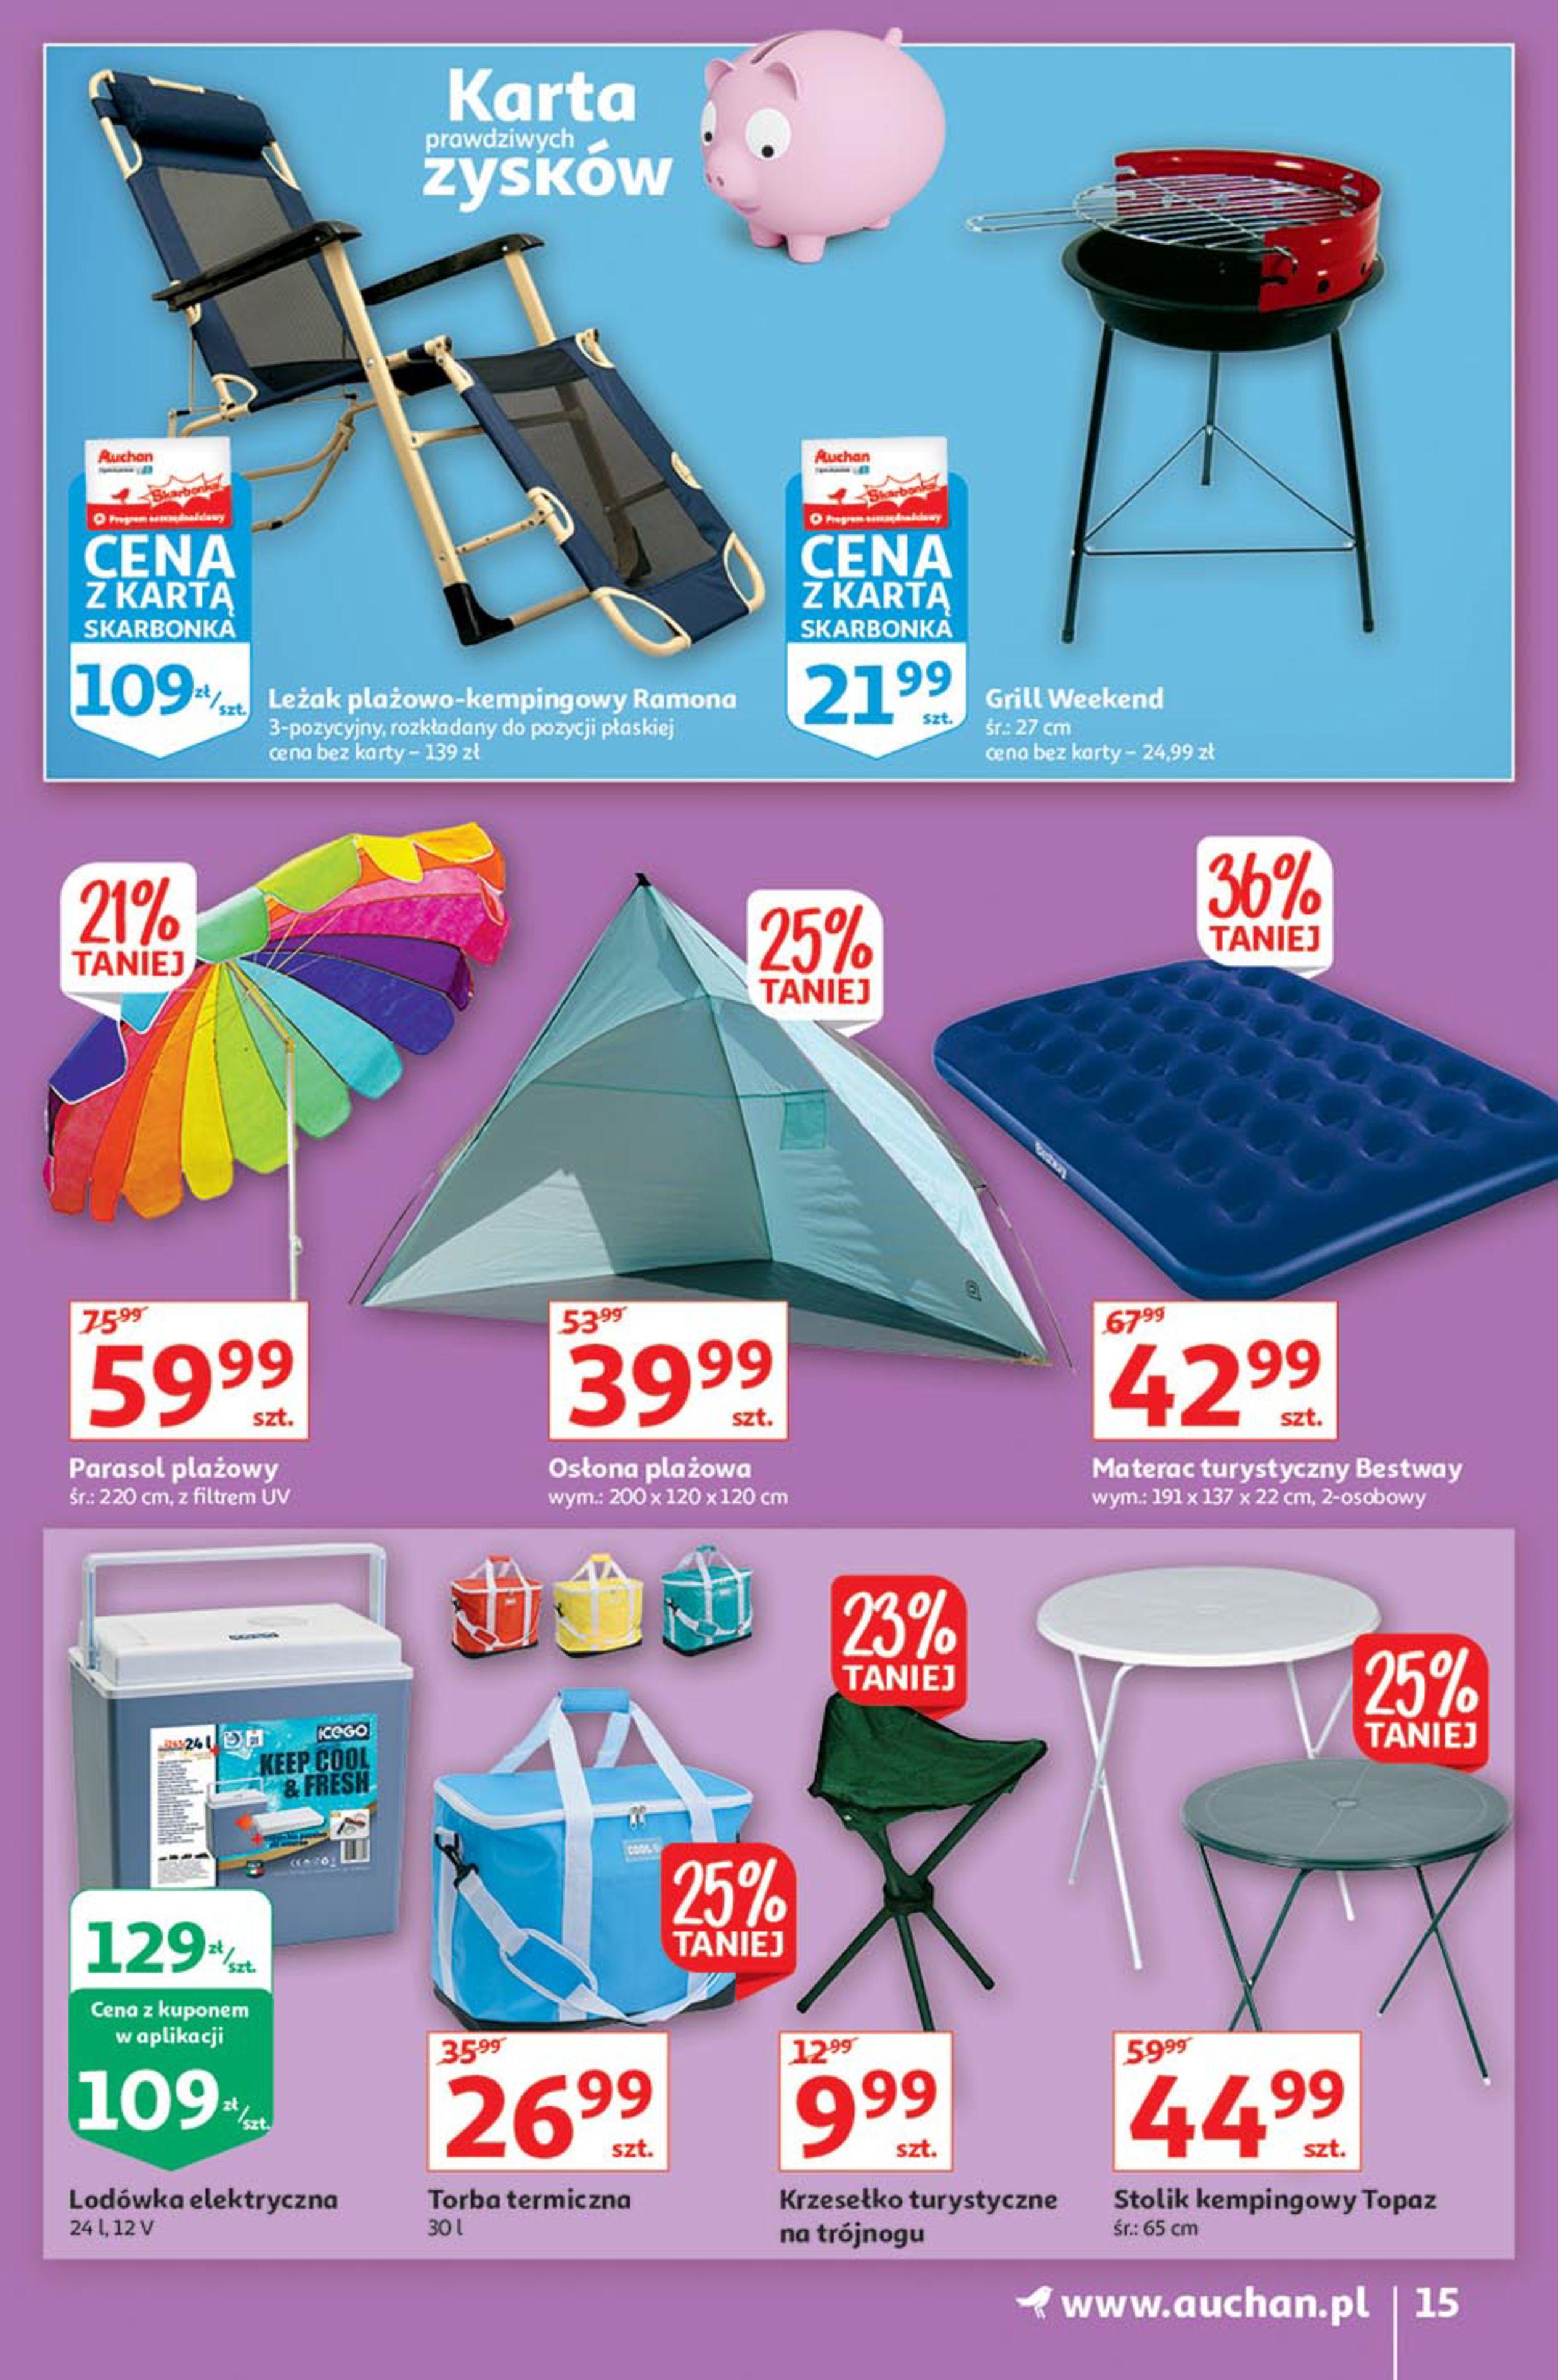 Gazetka Auchan: Gazetka Auchan - Euro 2020 2021-06-10 page-15